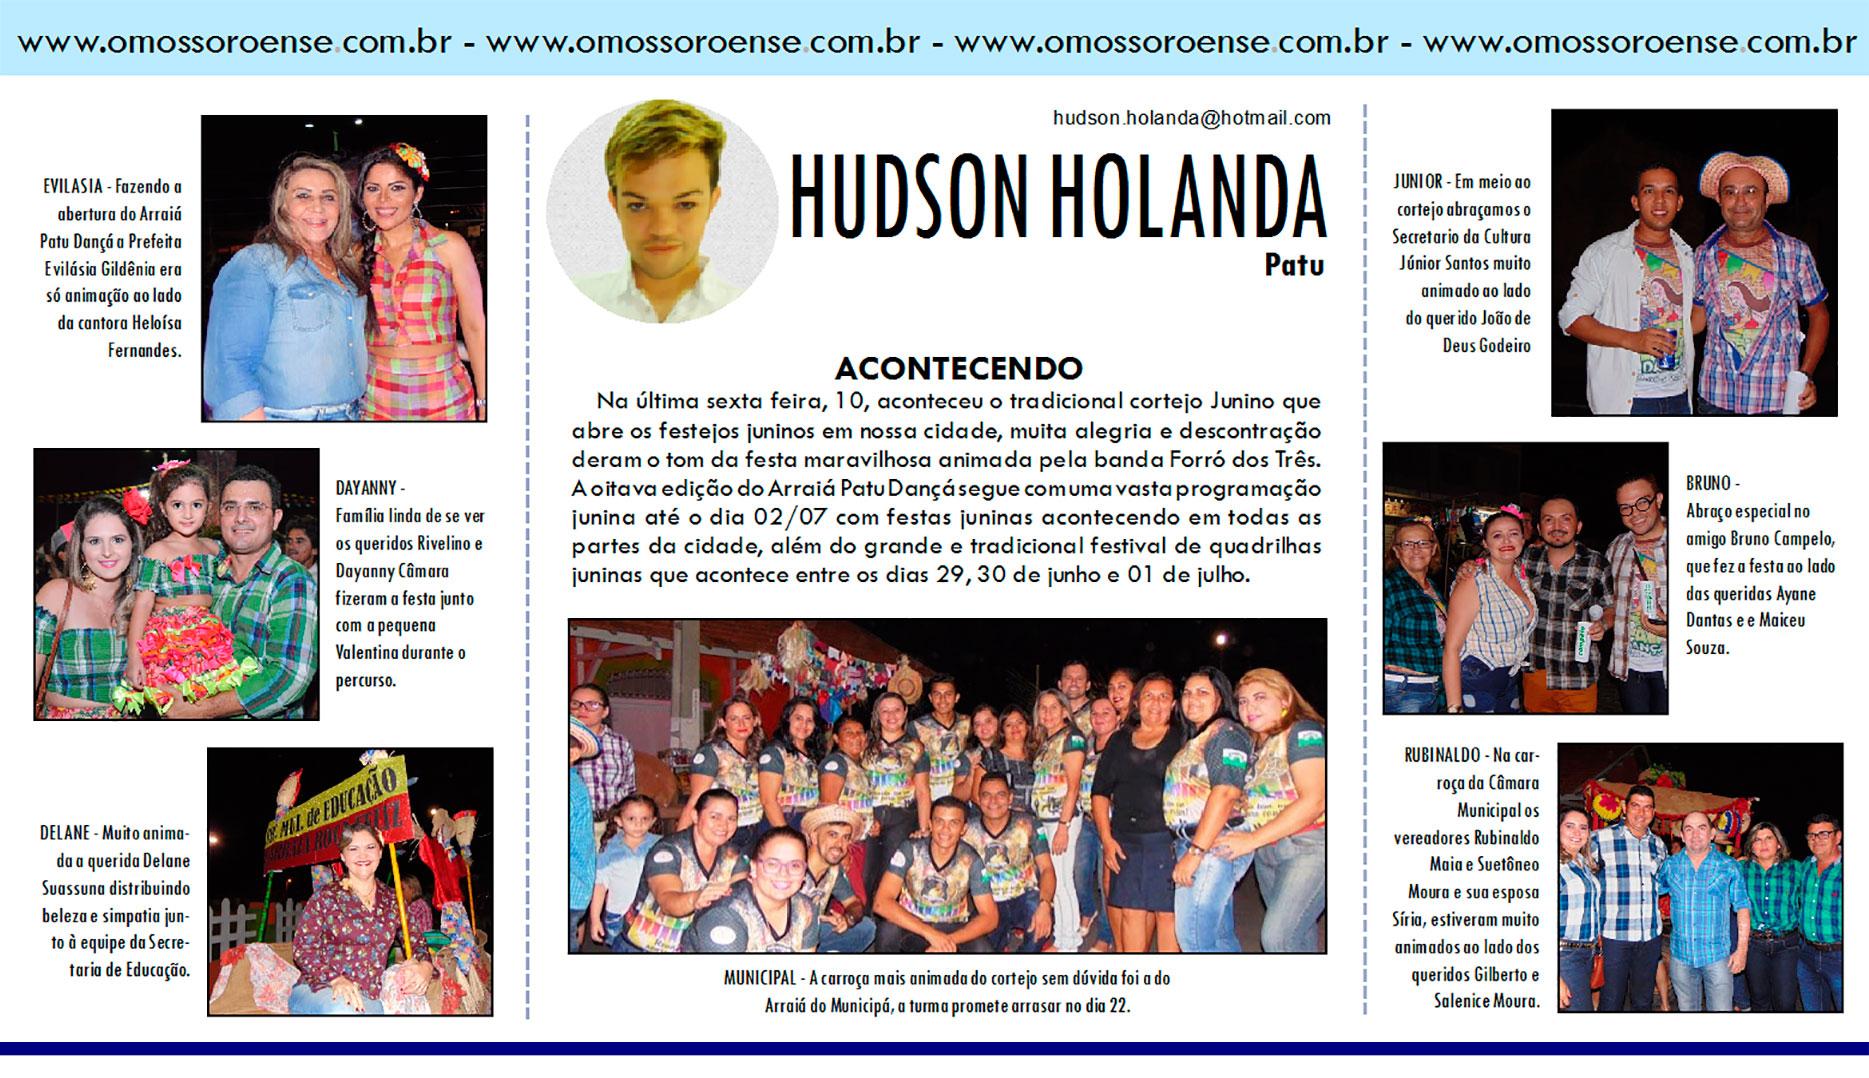 HUDSON-HOLANDA-17-06-16